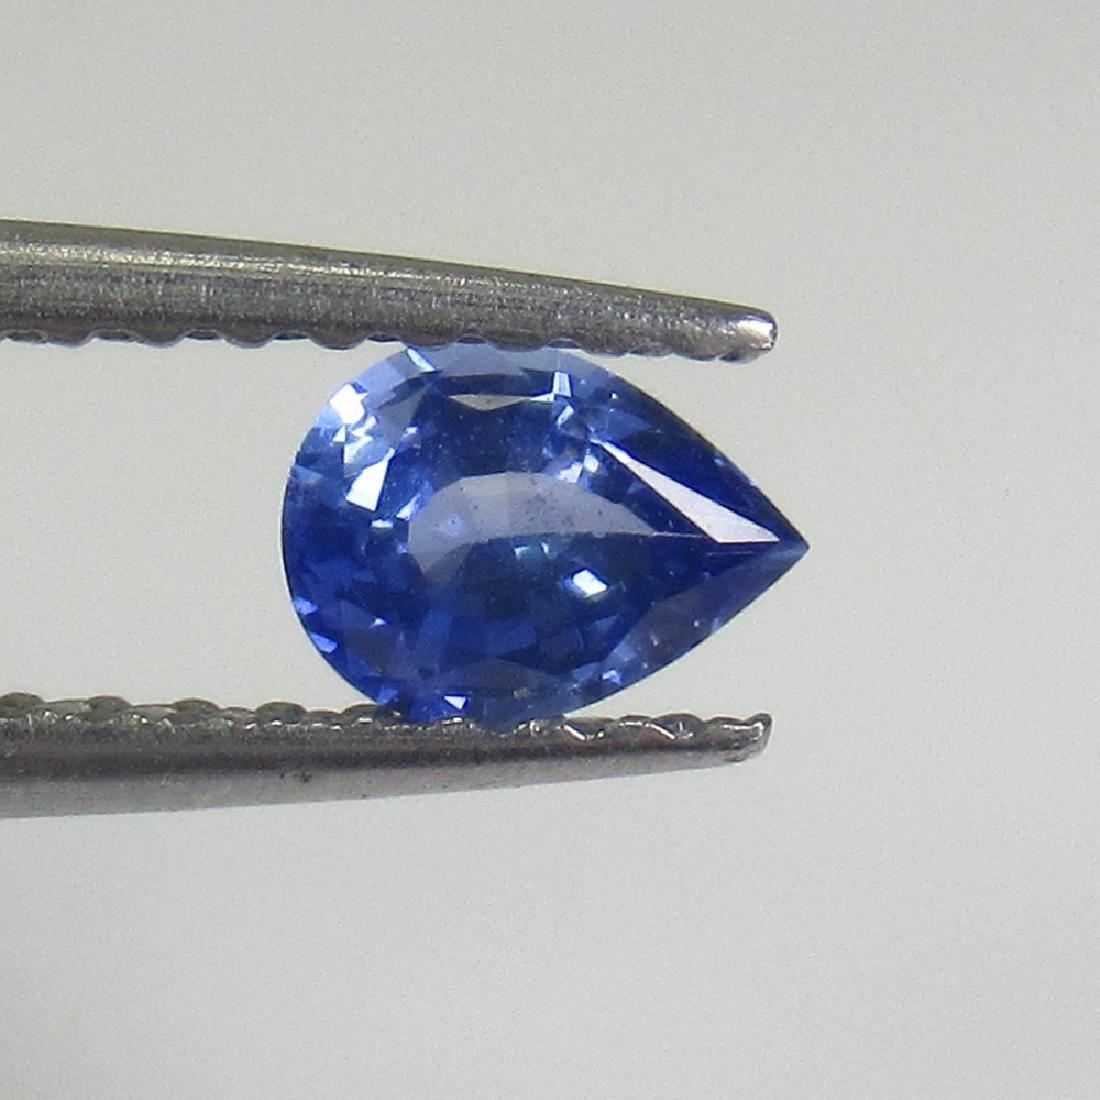 0.32 Ctw Natural Ceylon Blue Sapphire Pear Cut